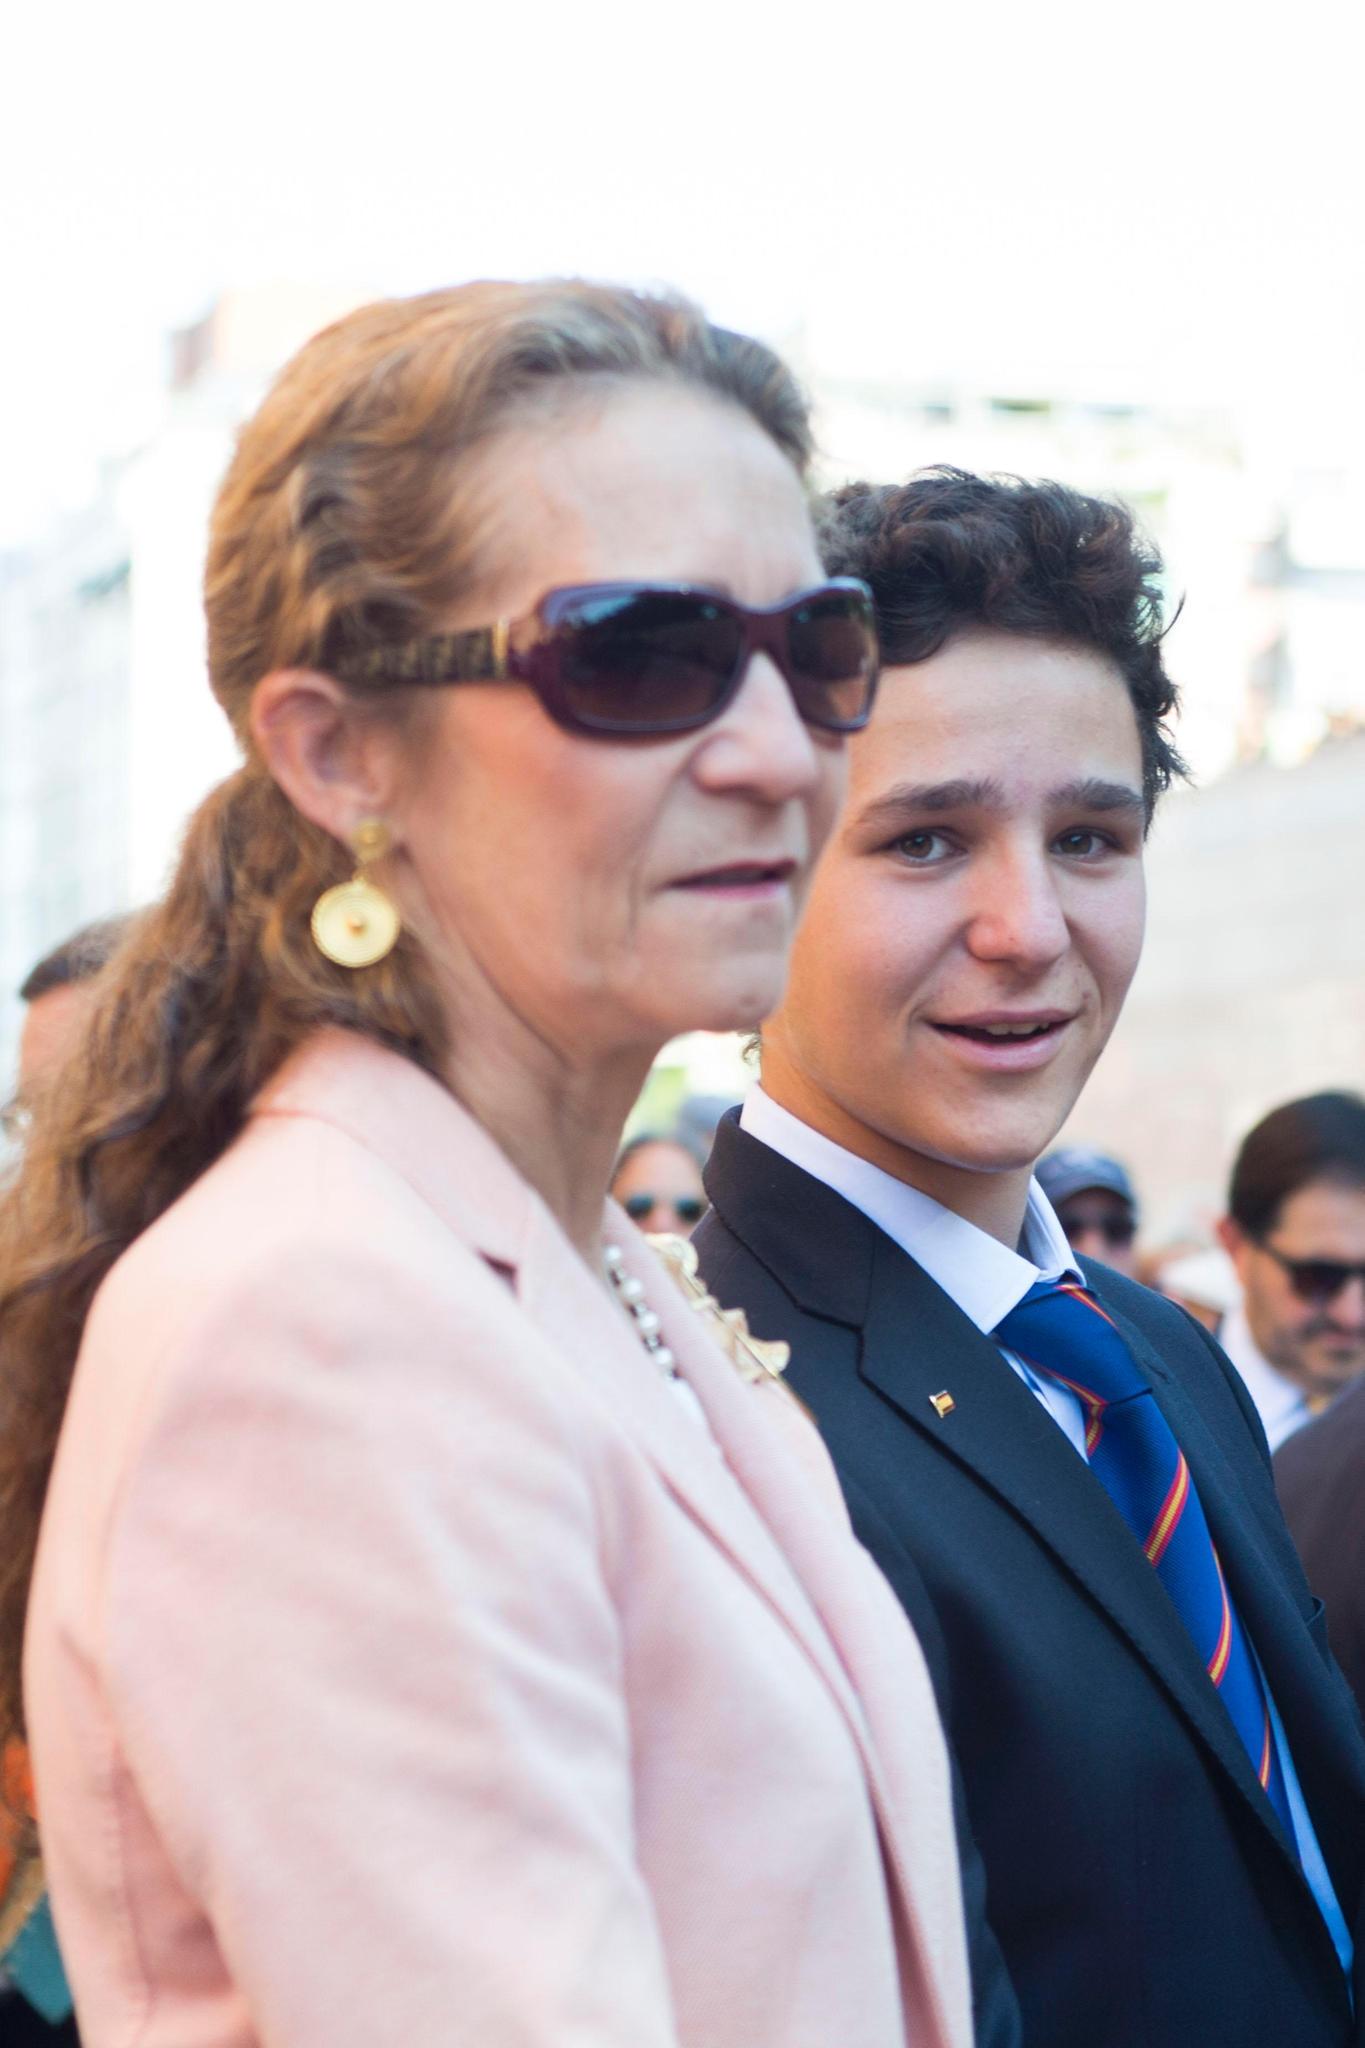 Prinzessin Elena und ihr Sohn, Juan Felipe de Marichalar, besuchen im Juni 2016 gemeinsam einen Stierkampf. Der Lockenkopf hat sich zu einem attraktiven jungen Mann entwickelt.